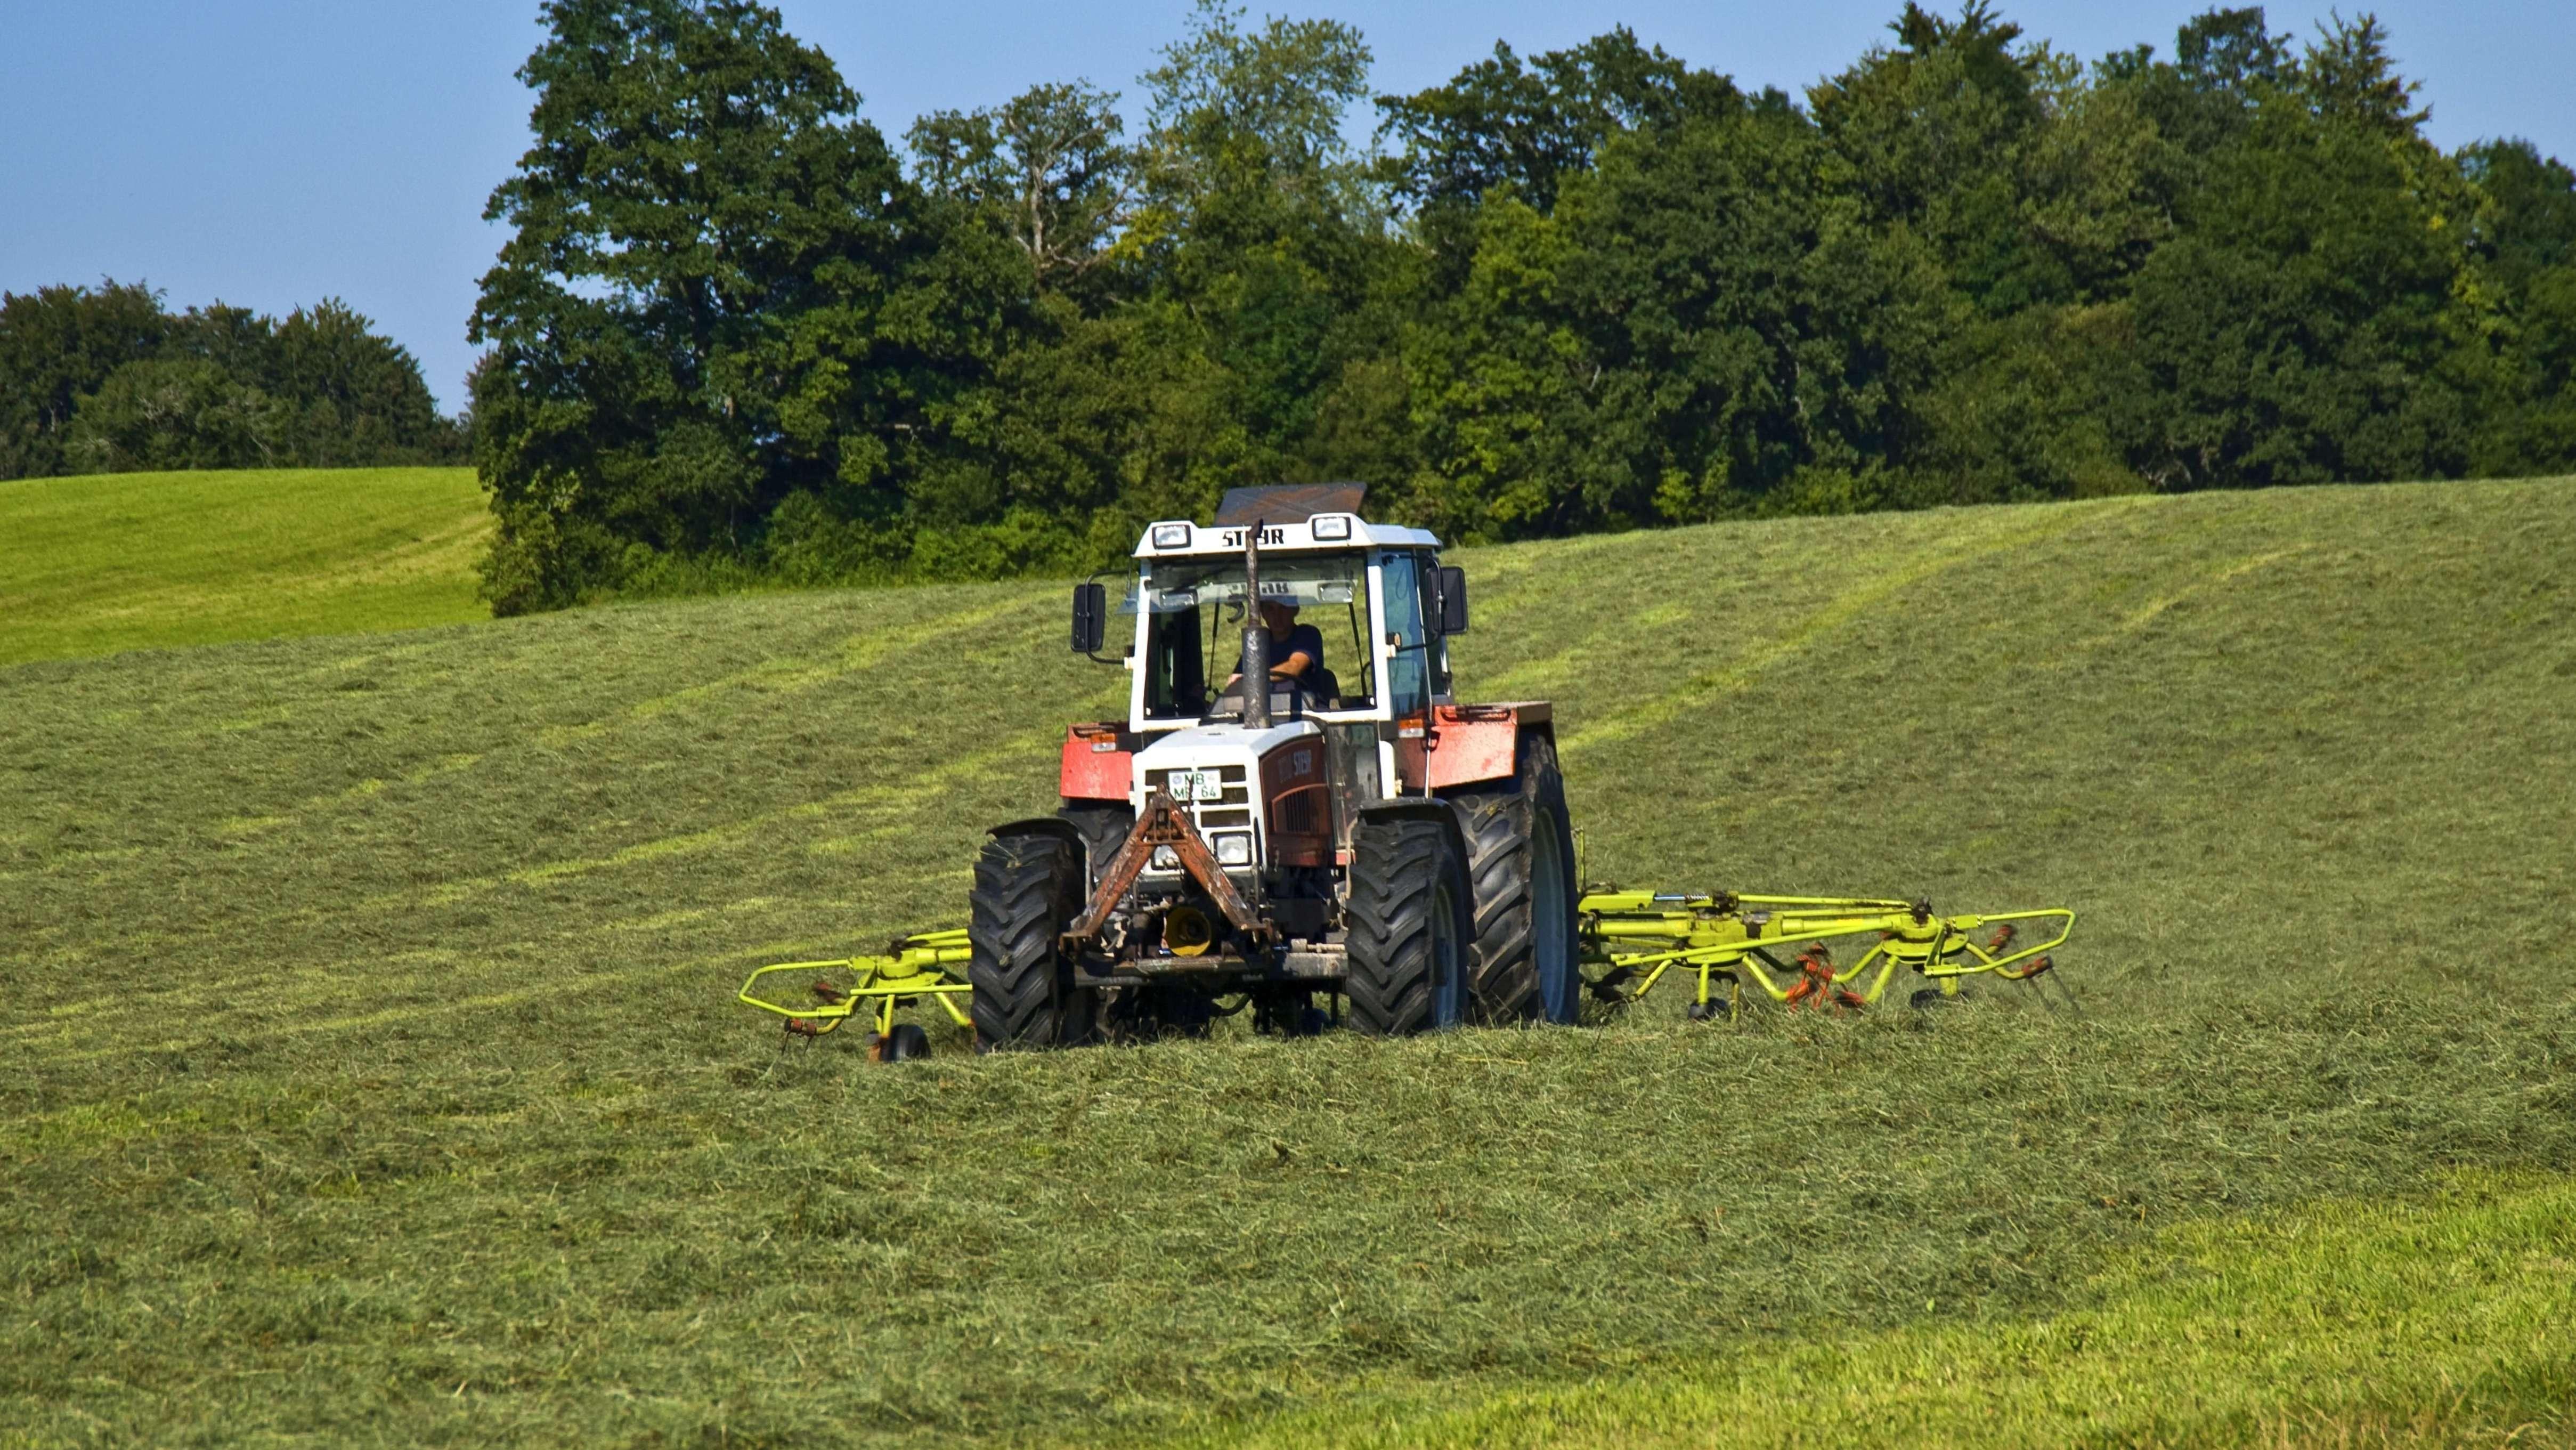 Traktor beim Heumachen auf der Wiese